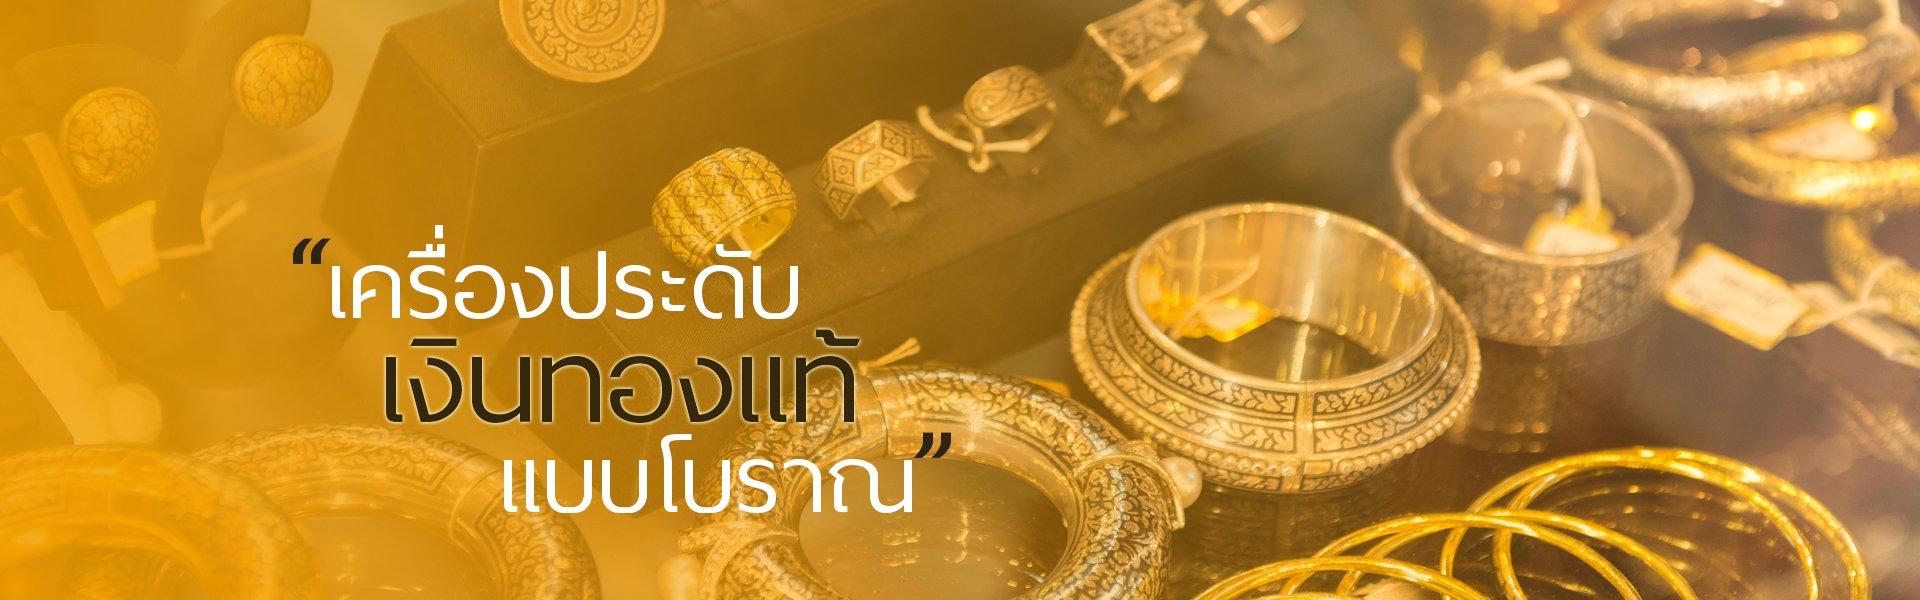 เครื่องประดับ เงินทองแท้ แบบโบราณ